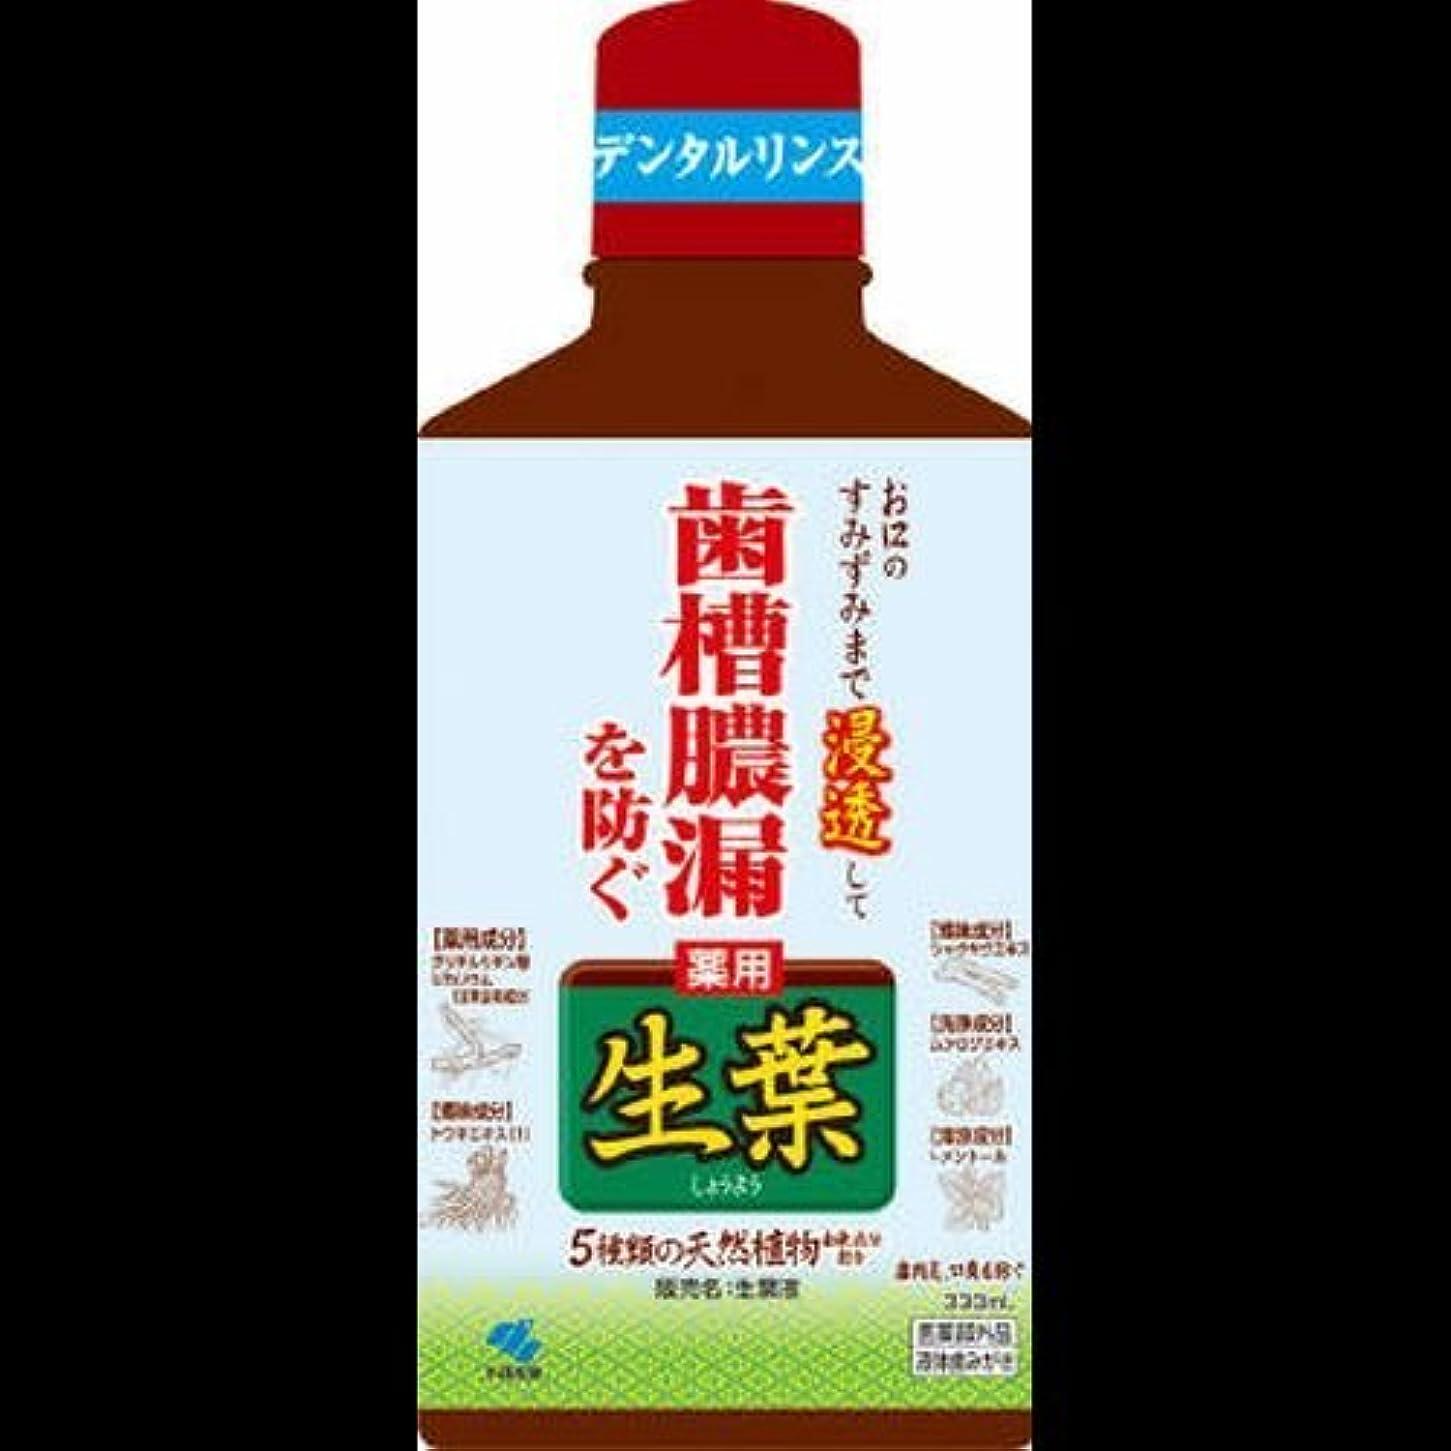 デコレーションコークス放棄された生葉液(しょうようえき) 330mL 4987072069448 ×2セット